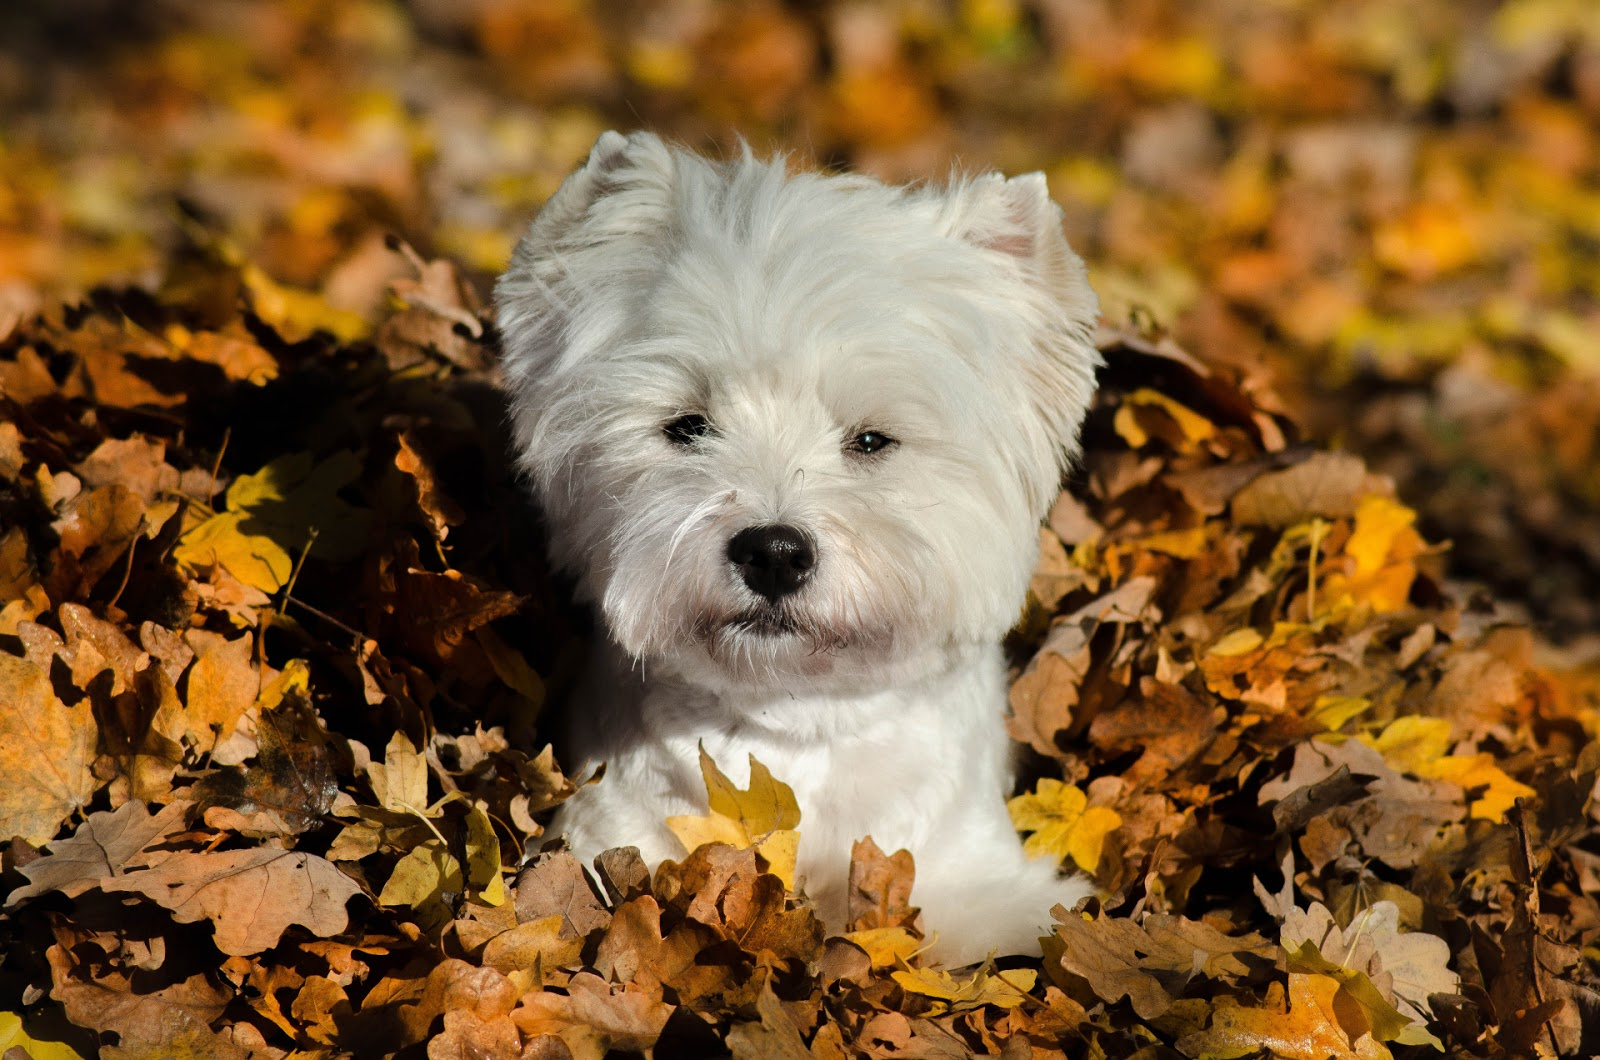 Fond d 39 cran automne animaux fonds d 39 cran hd - Photo d automne gratuite ...